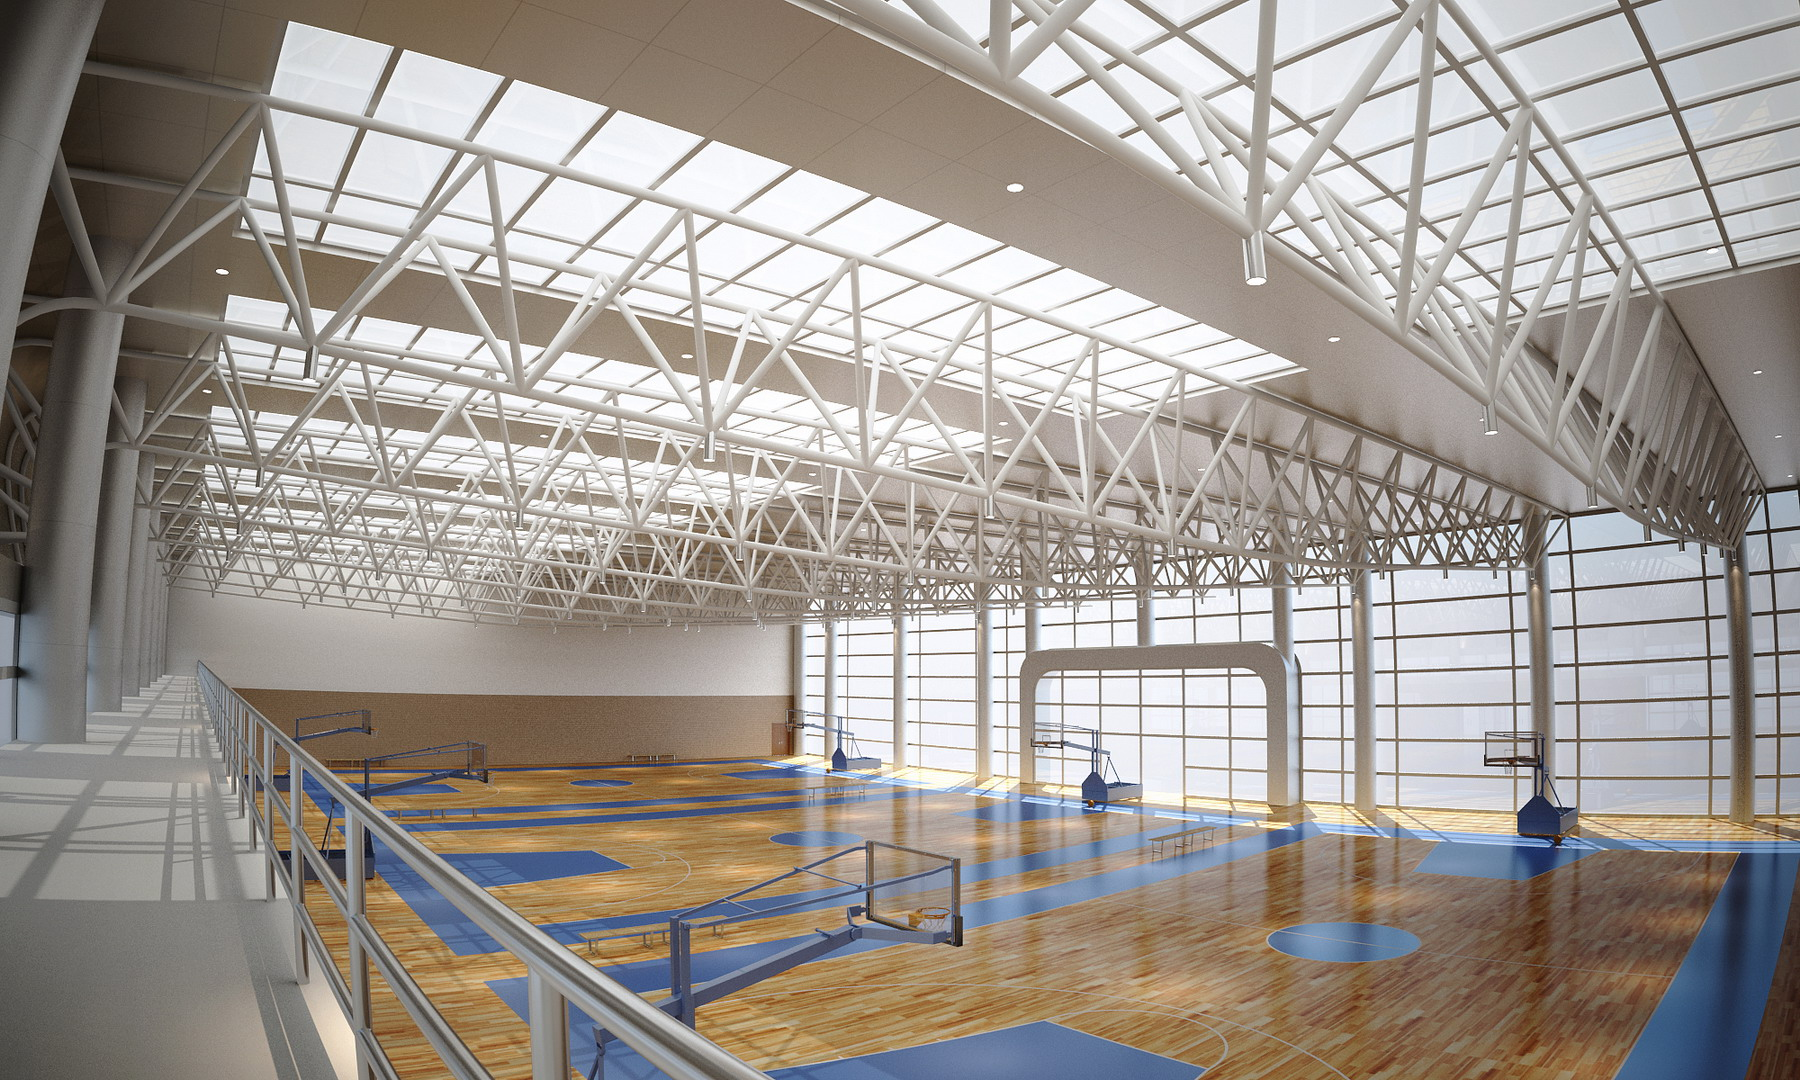 Basketball Gymnasium Arena Flatpyramid